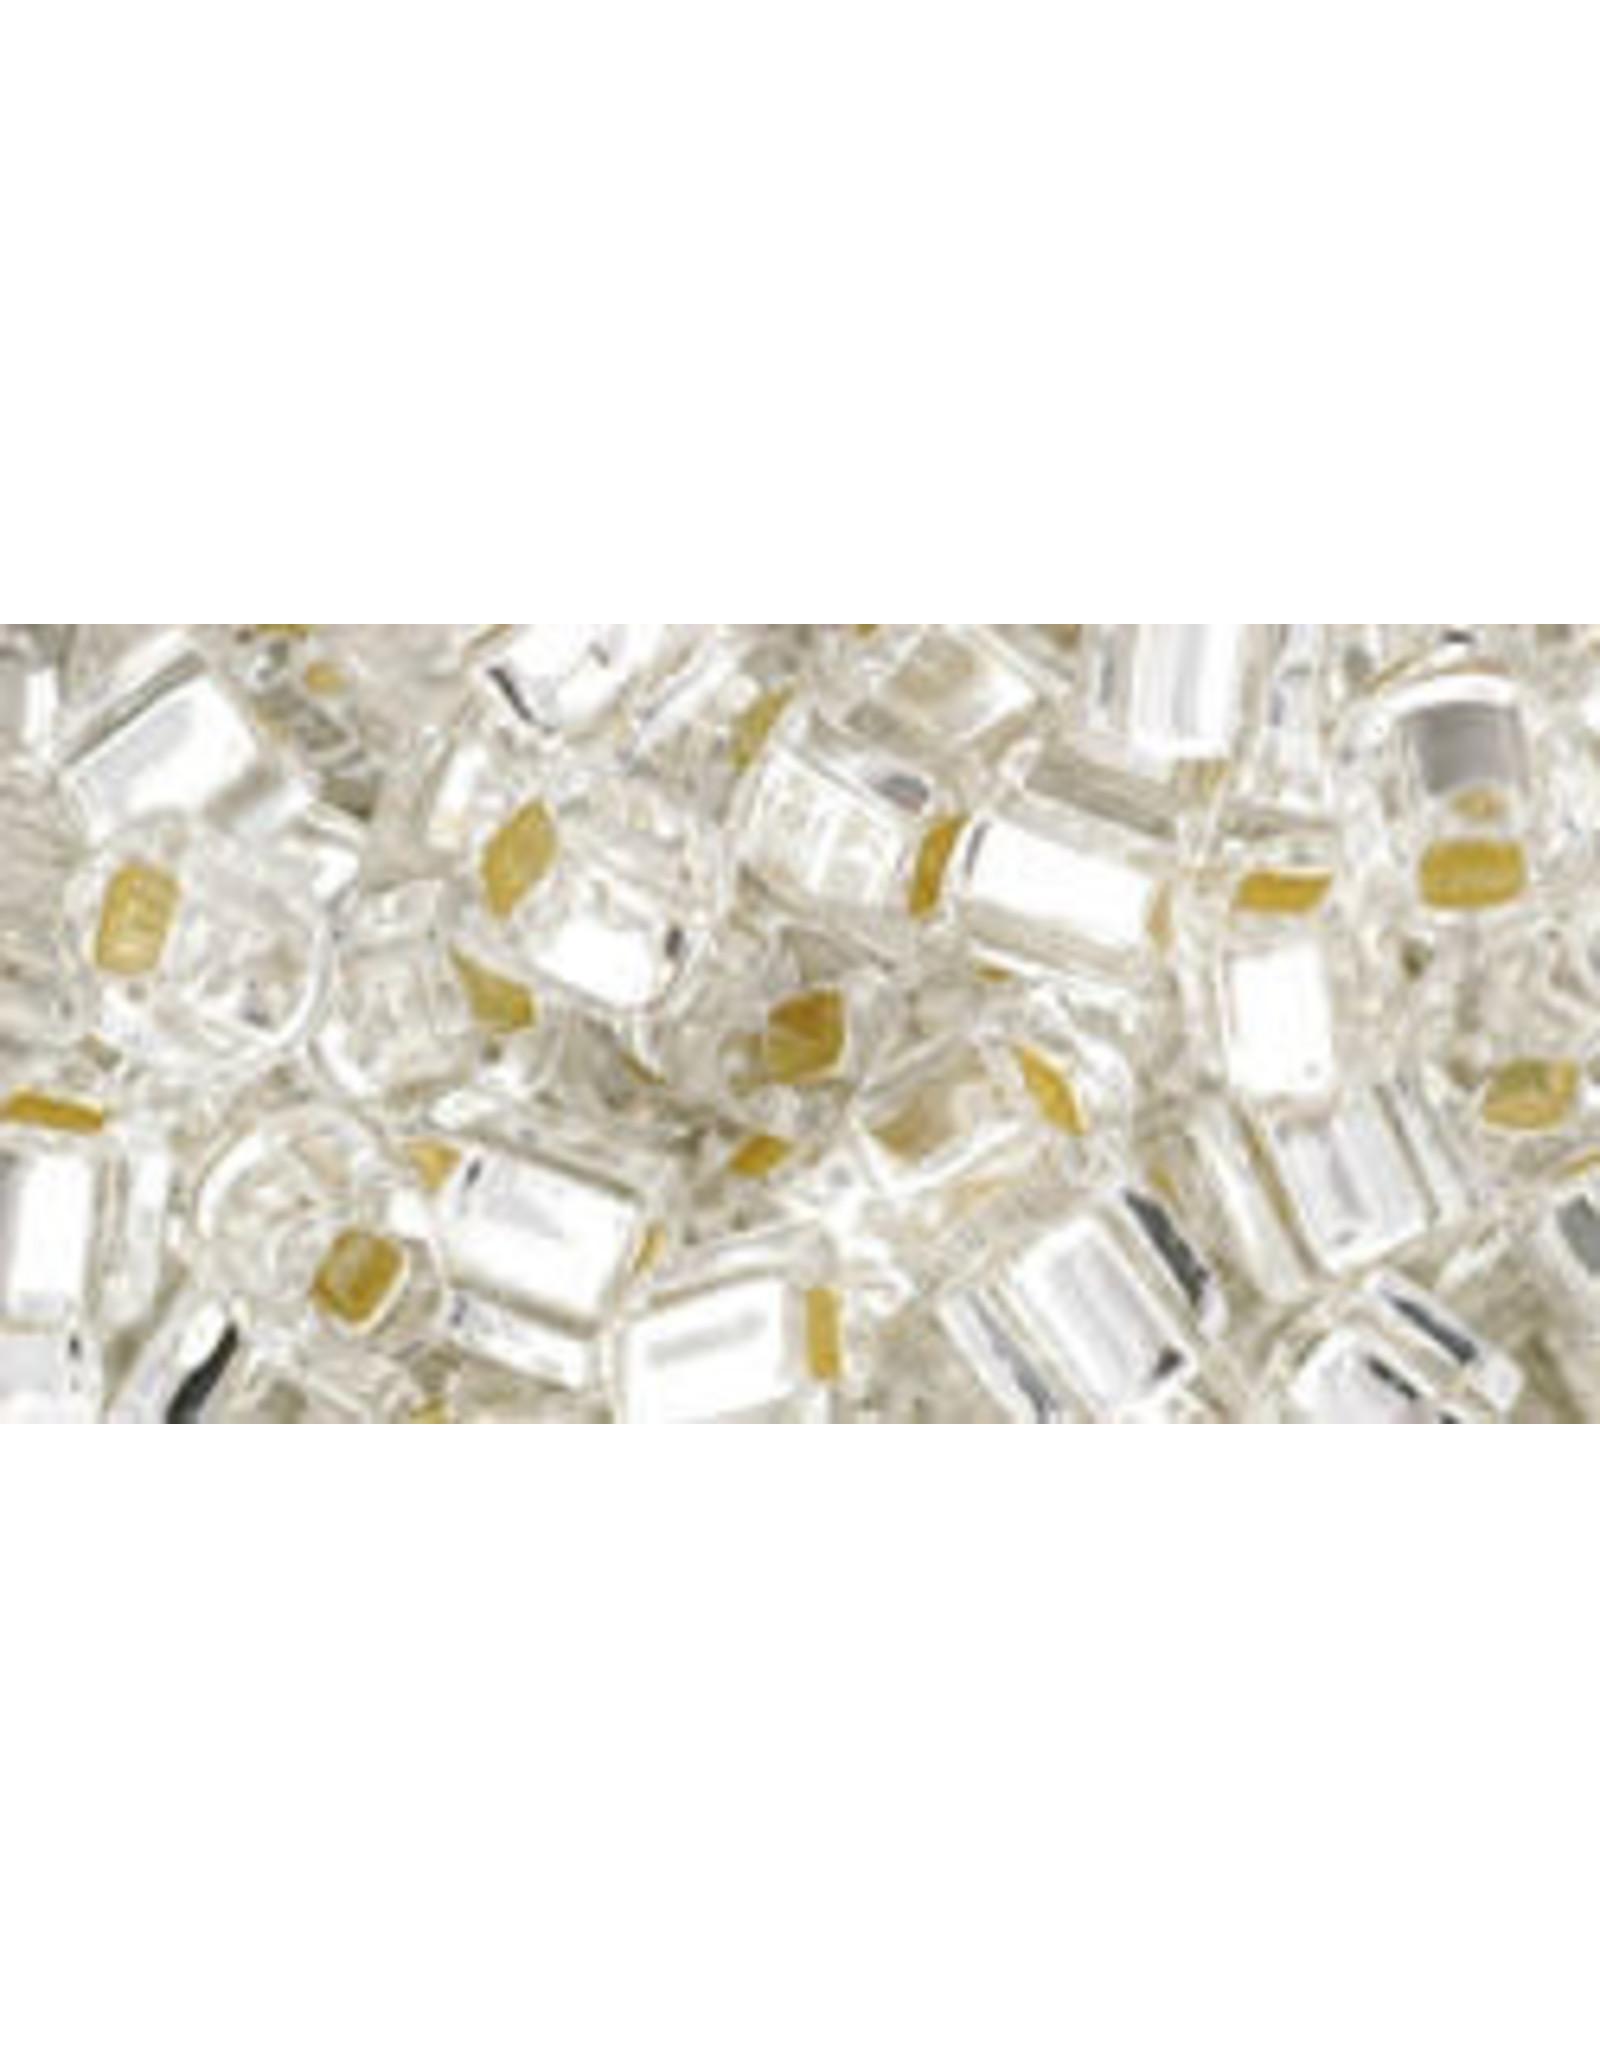 Toho 21  4mm  Cube  6g  Clear s/l